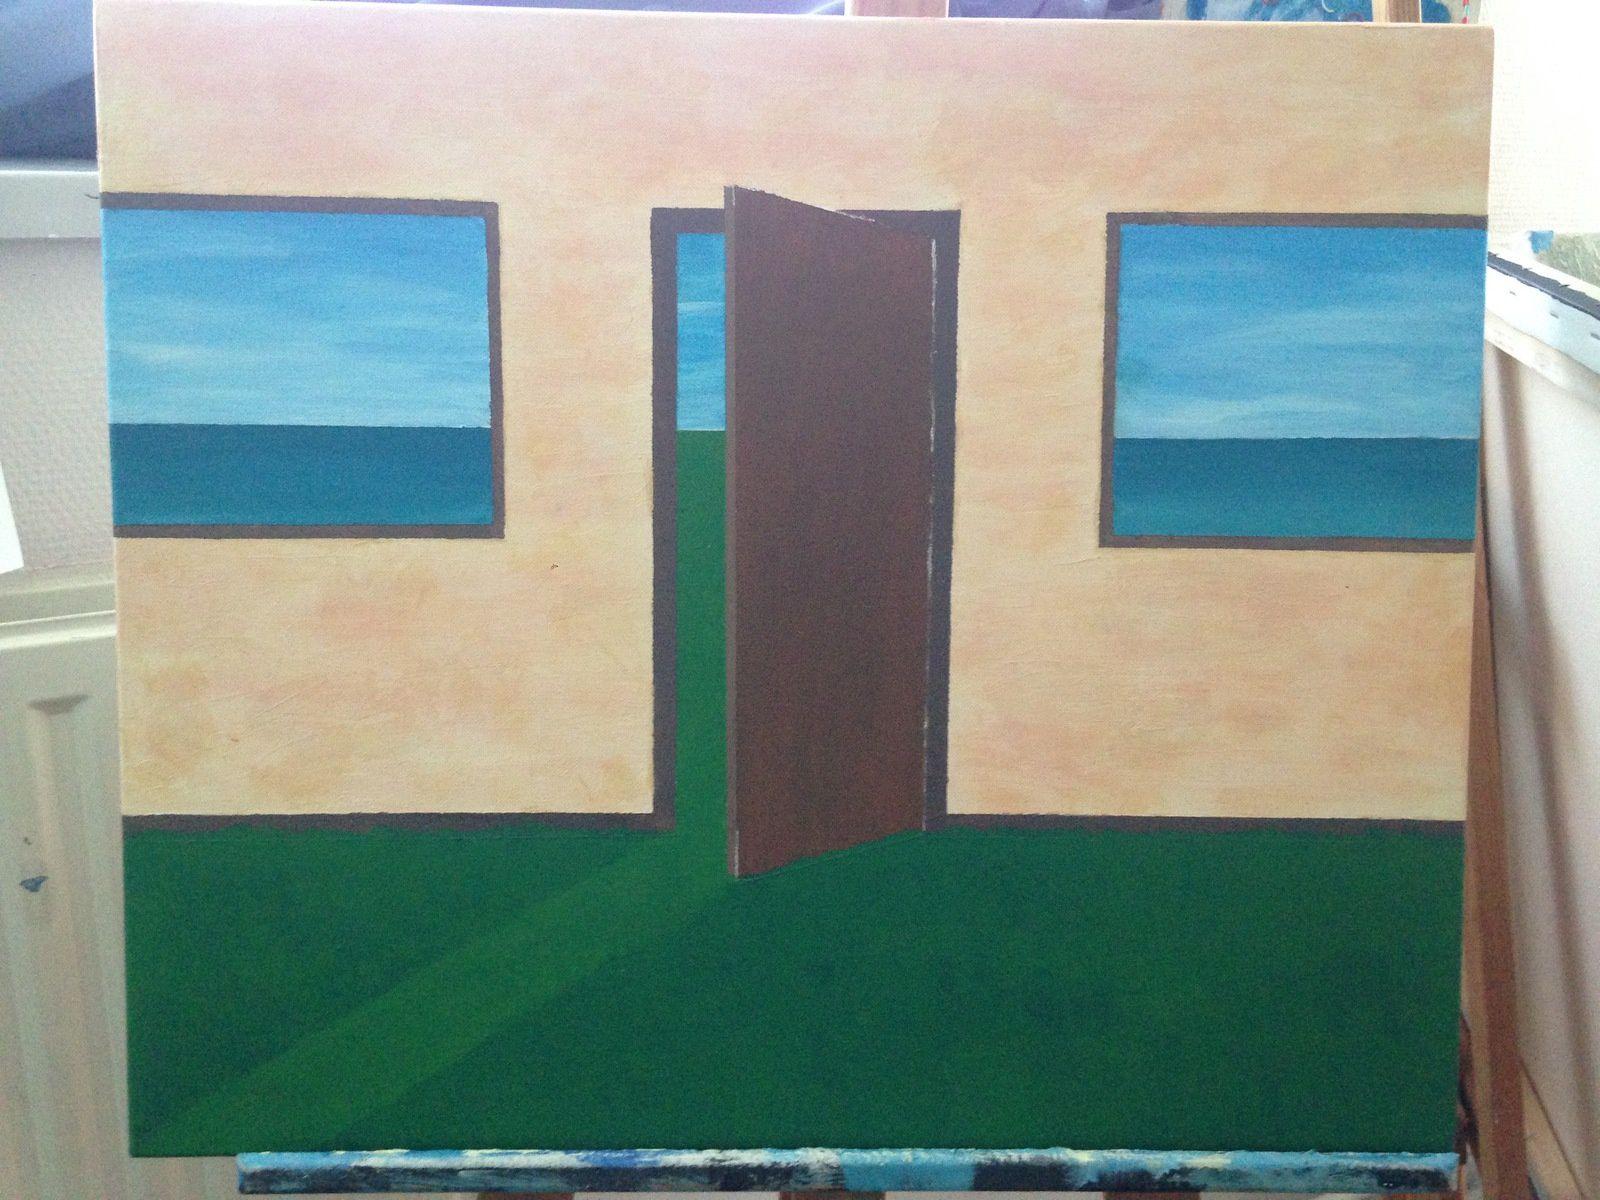 L'horizon à l'envers sur la figuration et construction de l'espace